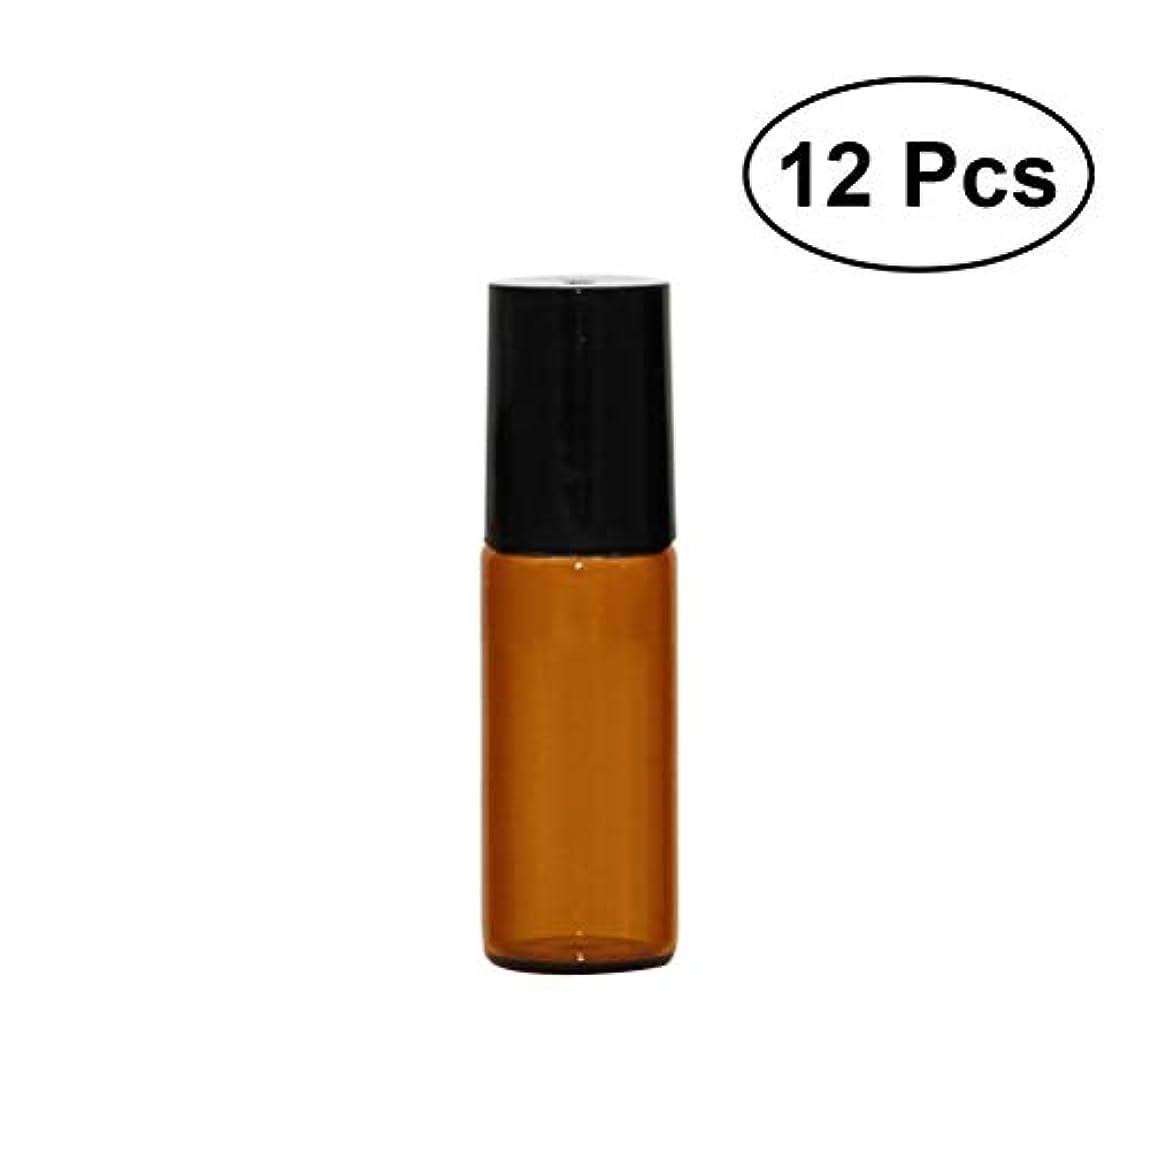 車処理息を切らして12本セット 5ml ローオンボトル イプ 茶色 香水 精油 遮光瓶 ガラスロールタ小分け用 アロマボトル 保存容器